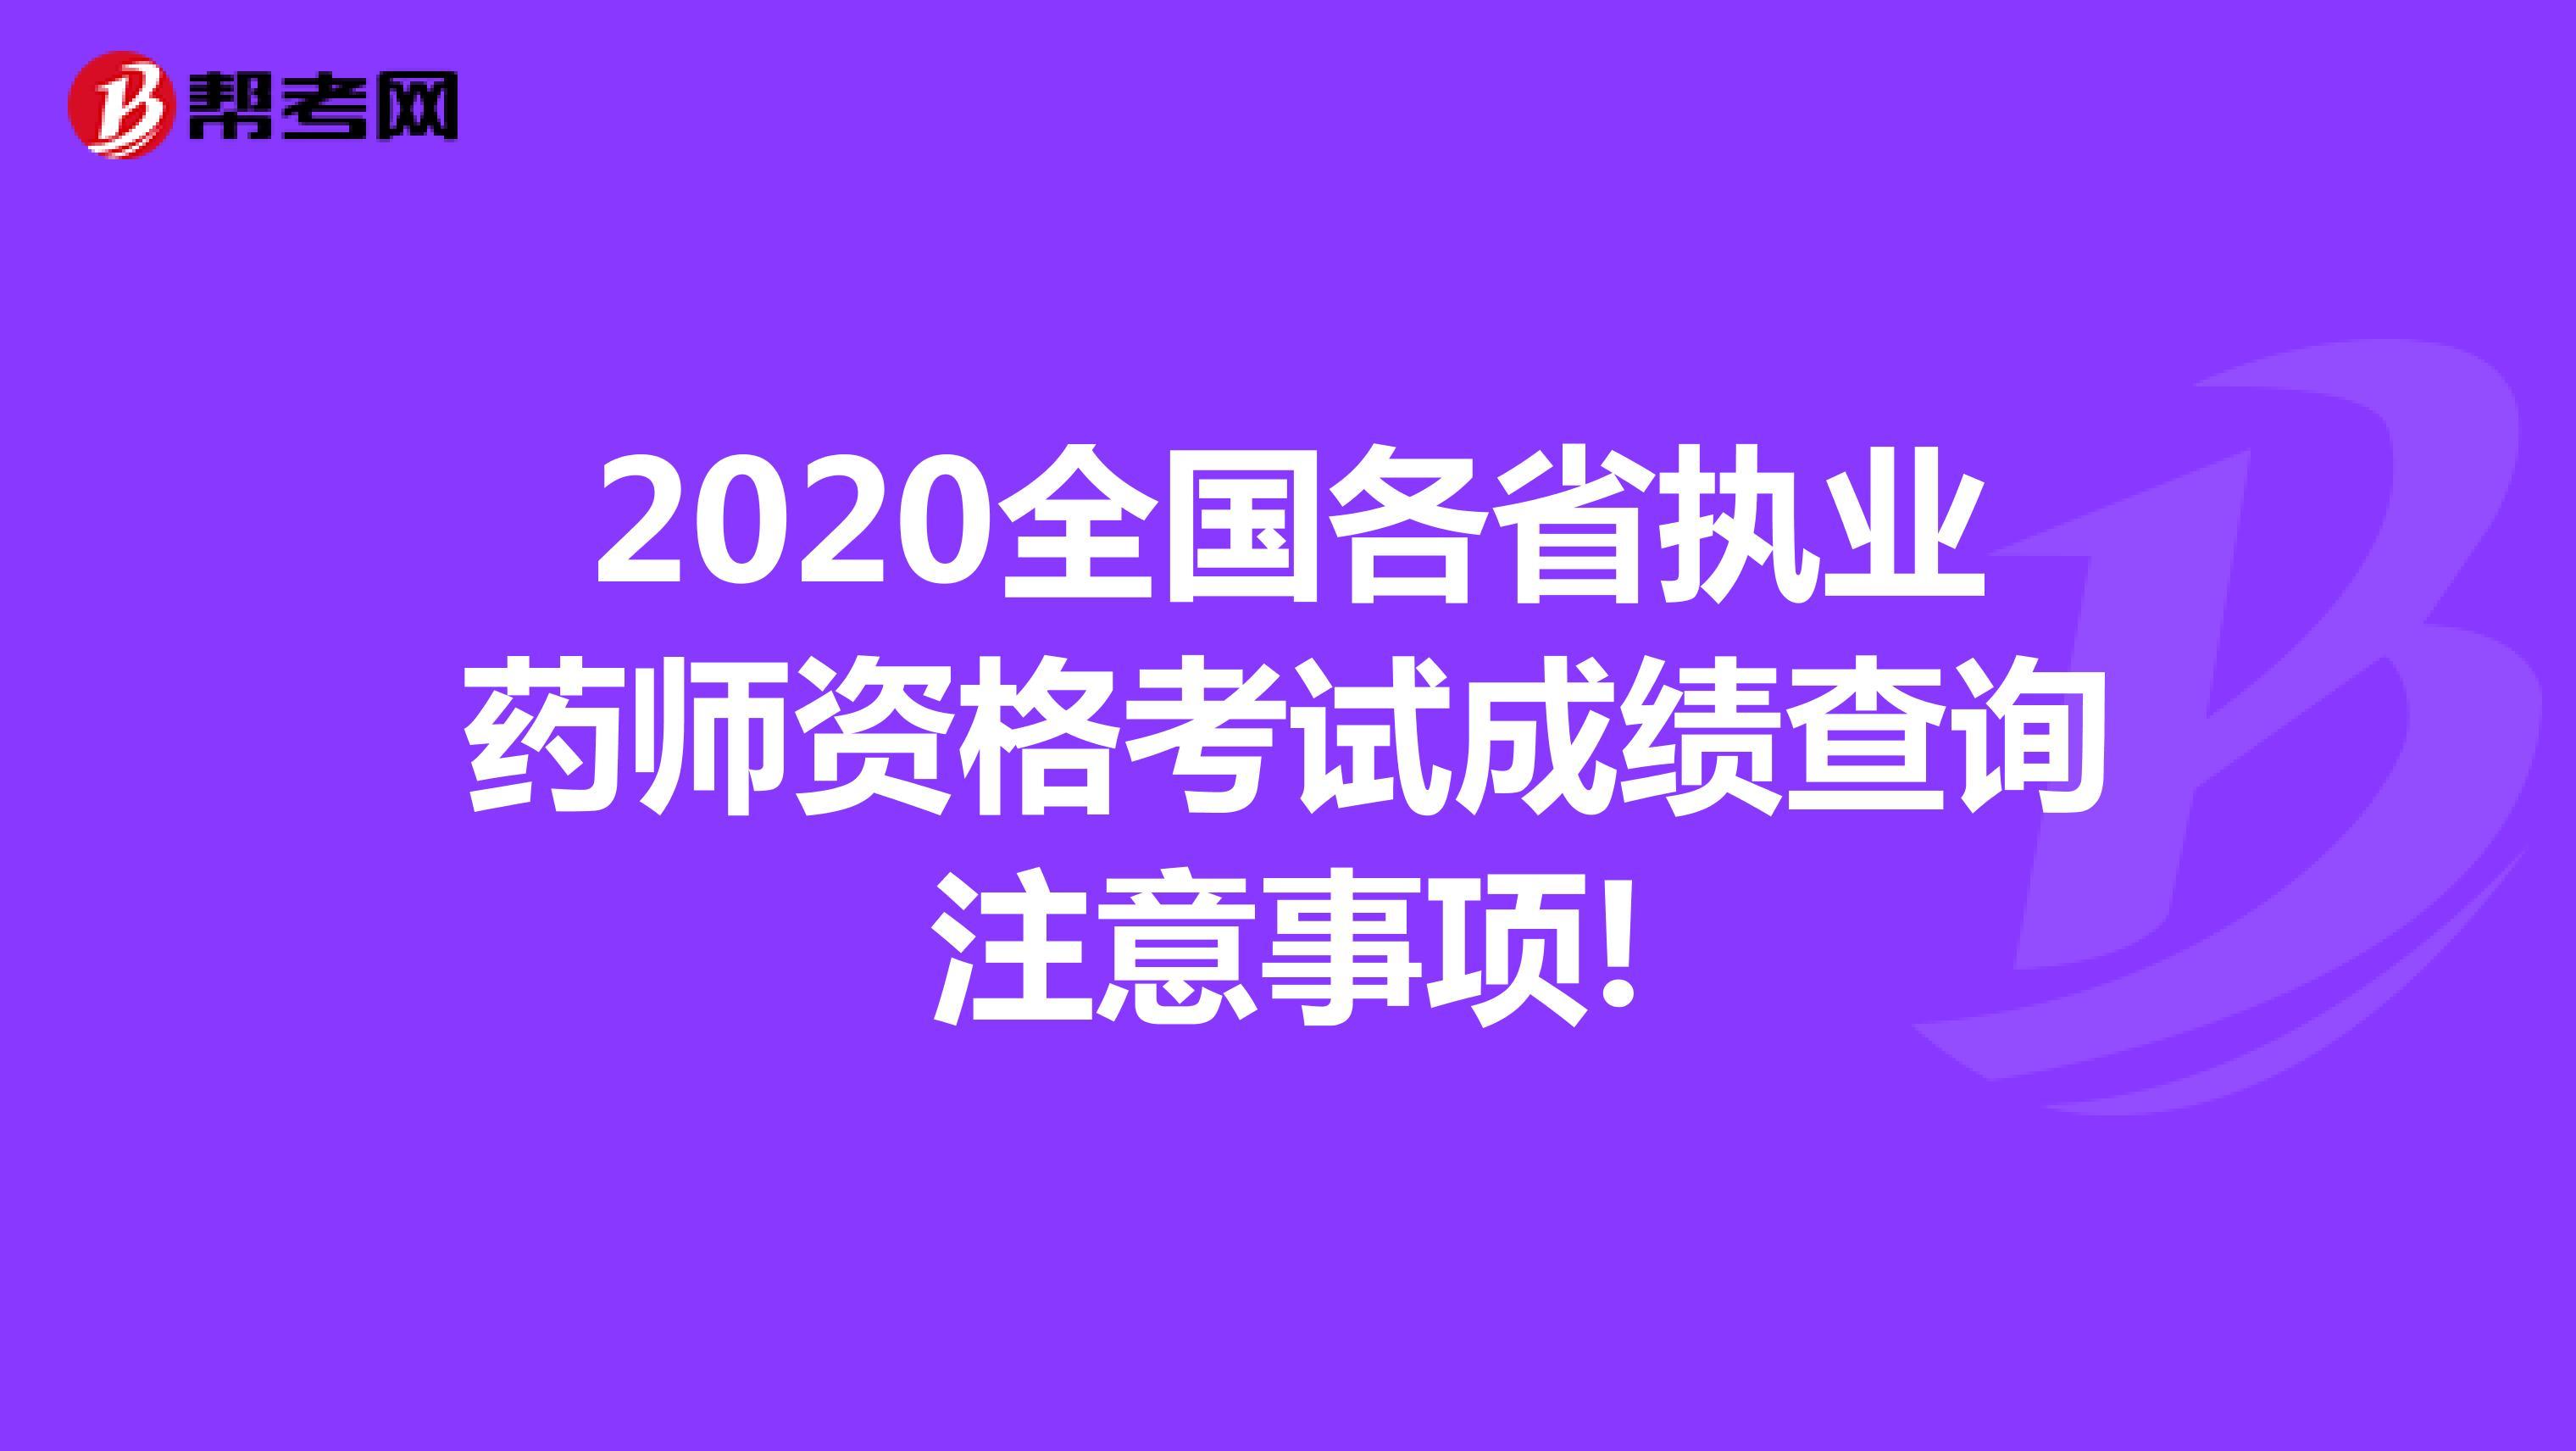 2020全国各省执业药师资格考试成绩查询注意事项!